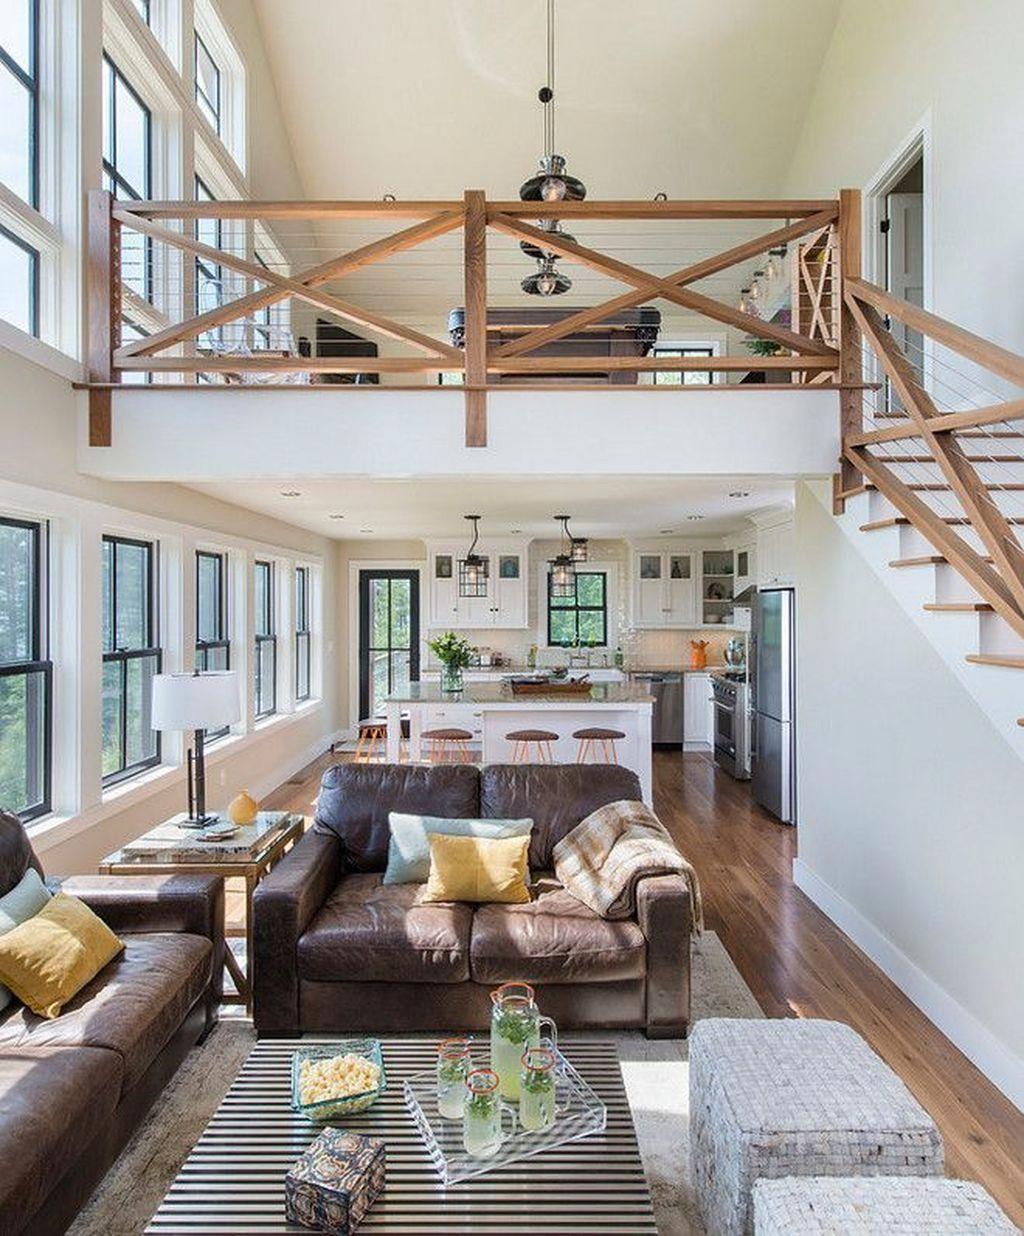 Mẫu 7: Mẫu thiết kế phòng khách nhà ống với cầu thang bục